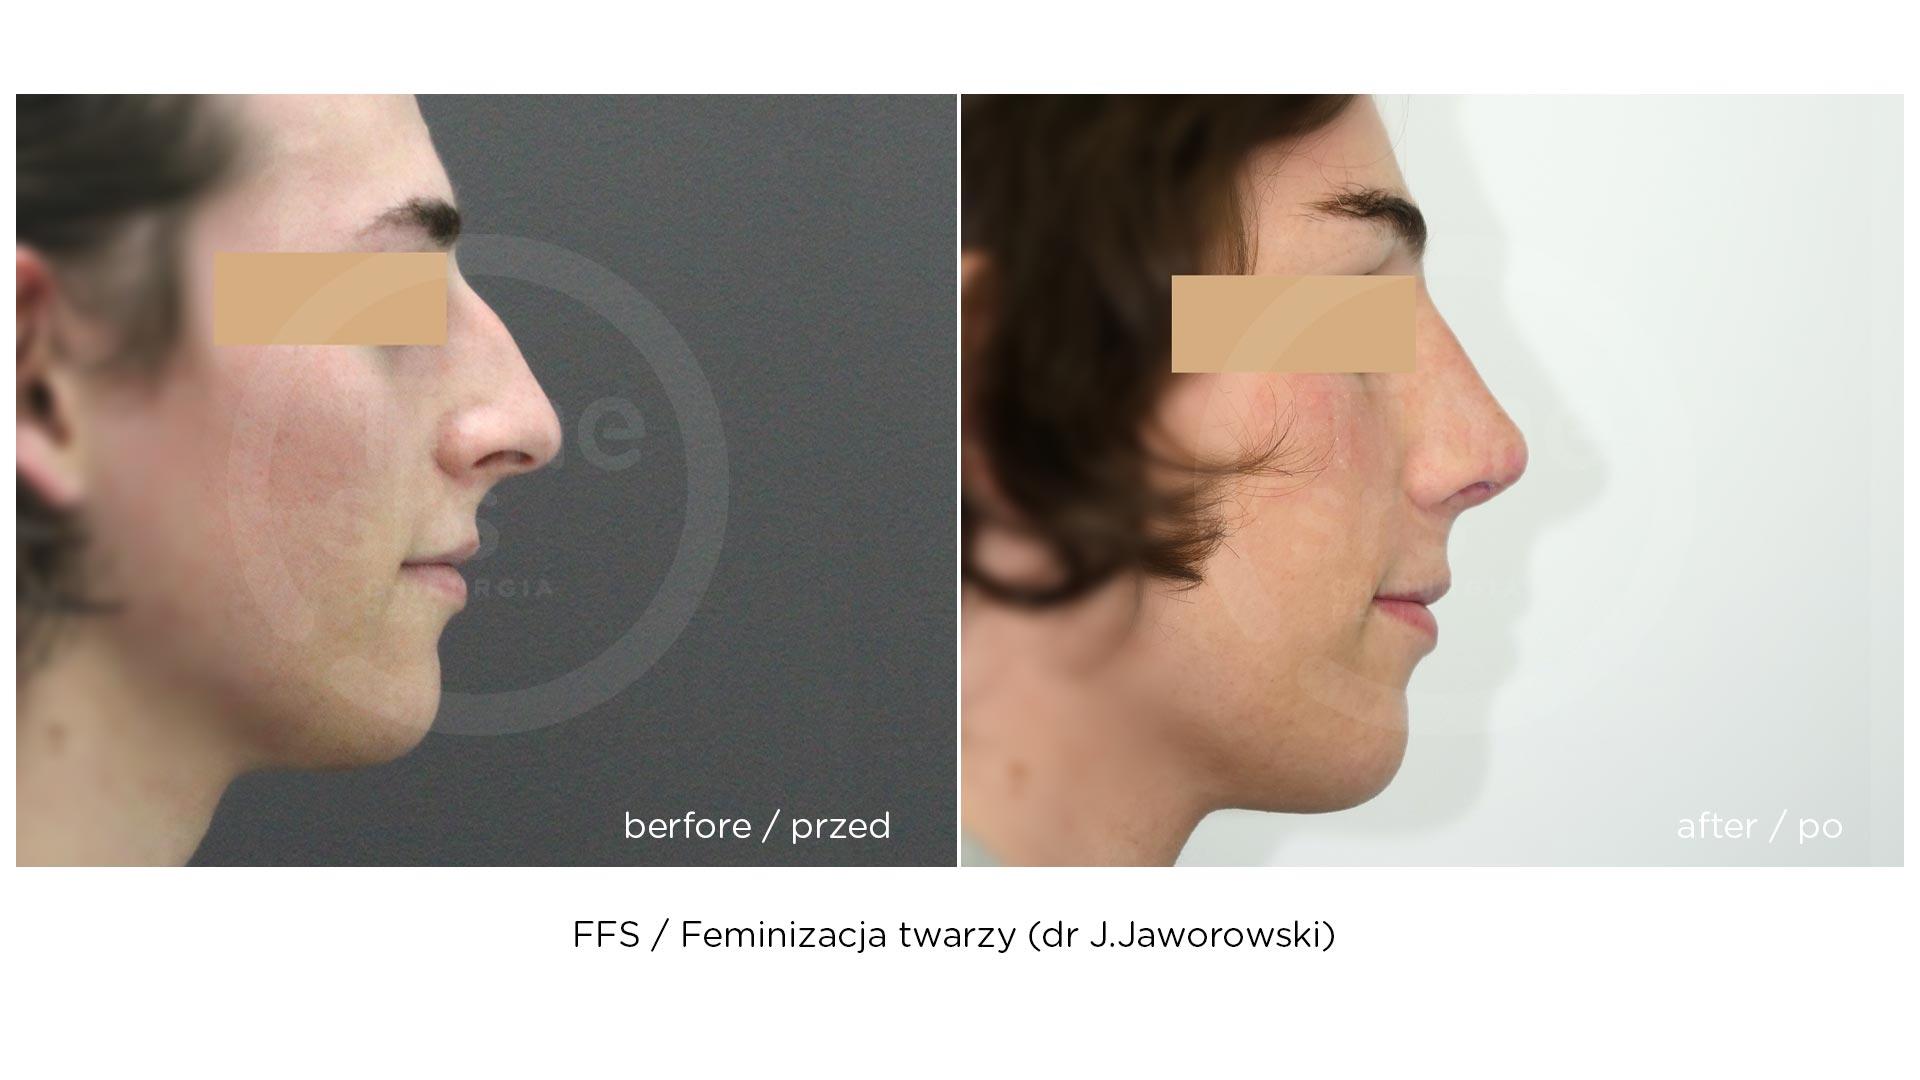 Feminizacja twarzy FFS